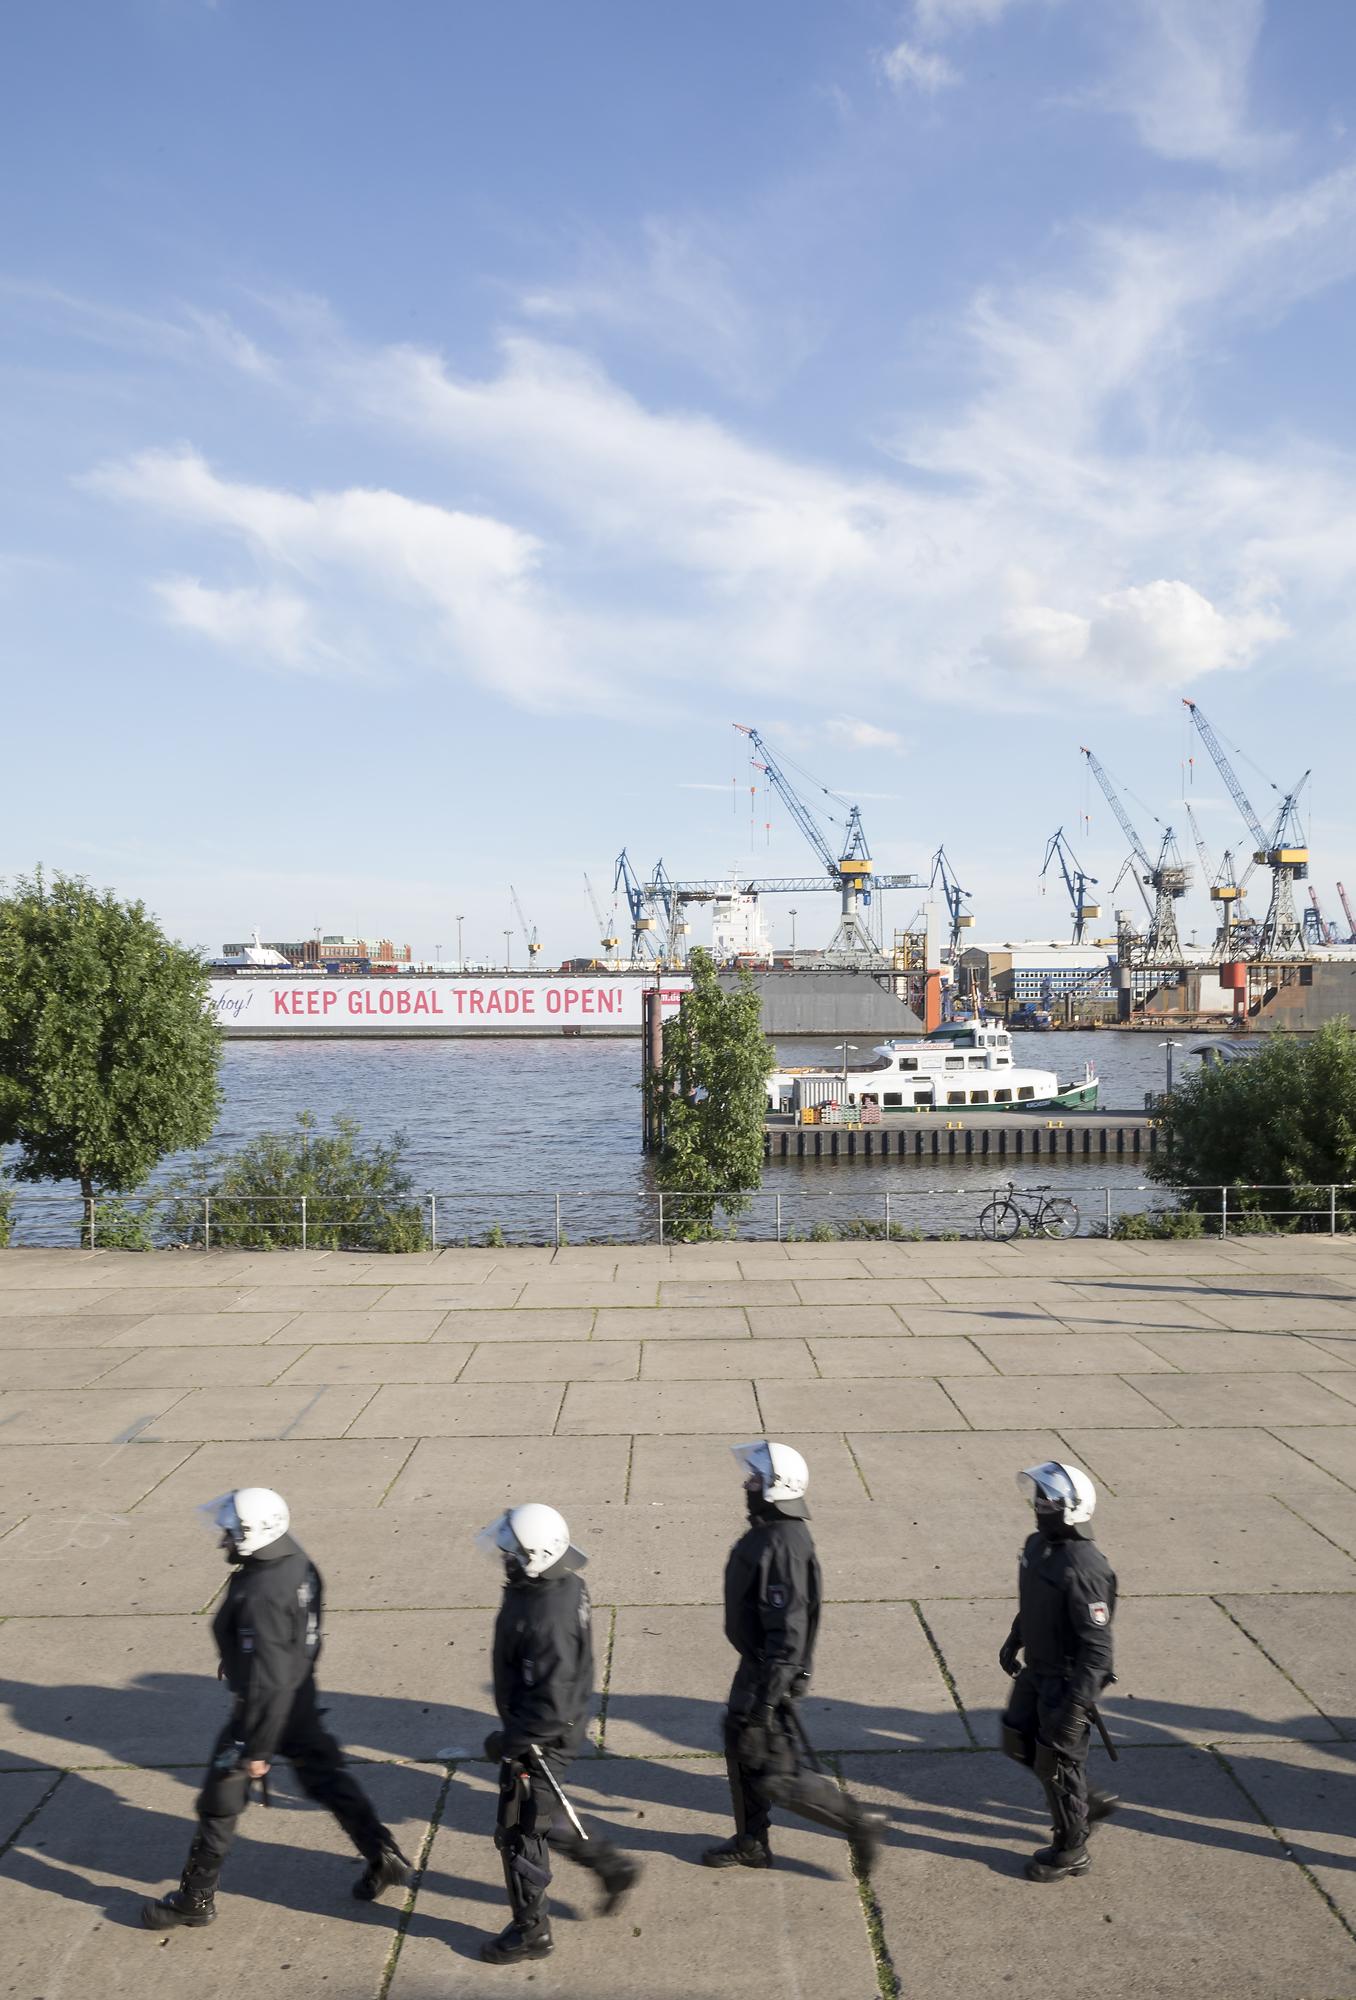 """Polizisten gehen am 06/07/2017 am Fischmarkt in Hamburg vor Beginn der autonomen """"Welcome to Hell"""" Richtung Landungsbrücken, während an den Docks die Forderung """"Keep global trade open"""" zu lesen ist. Foto Florian Schuh"""